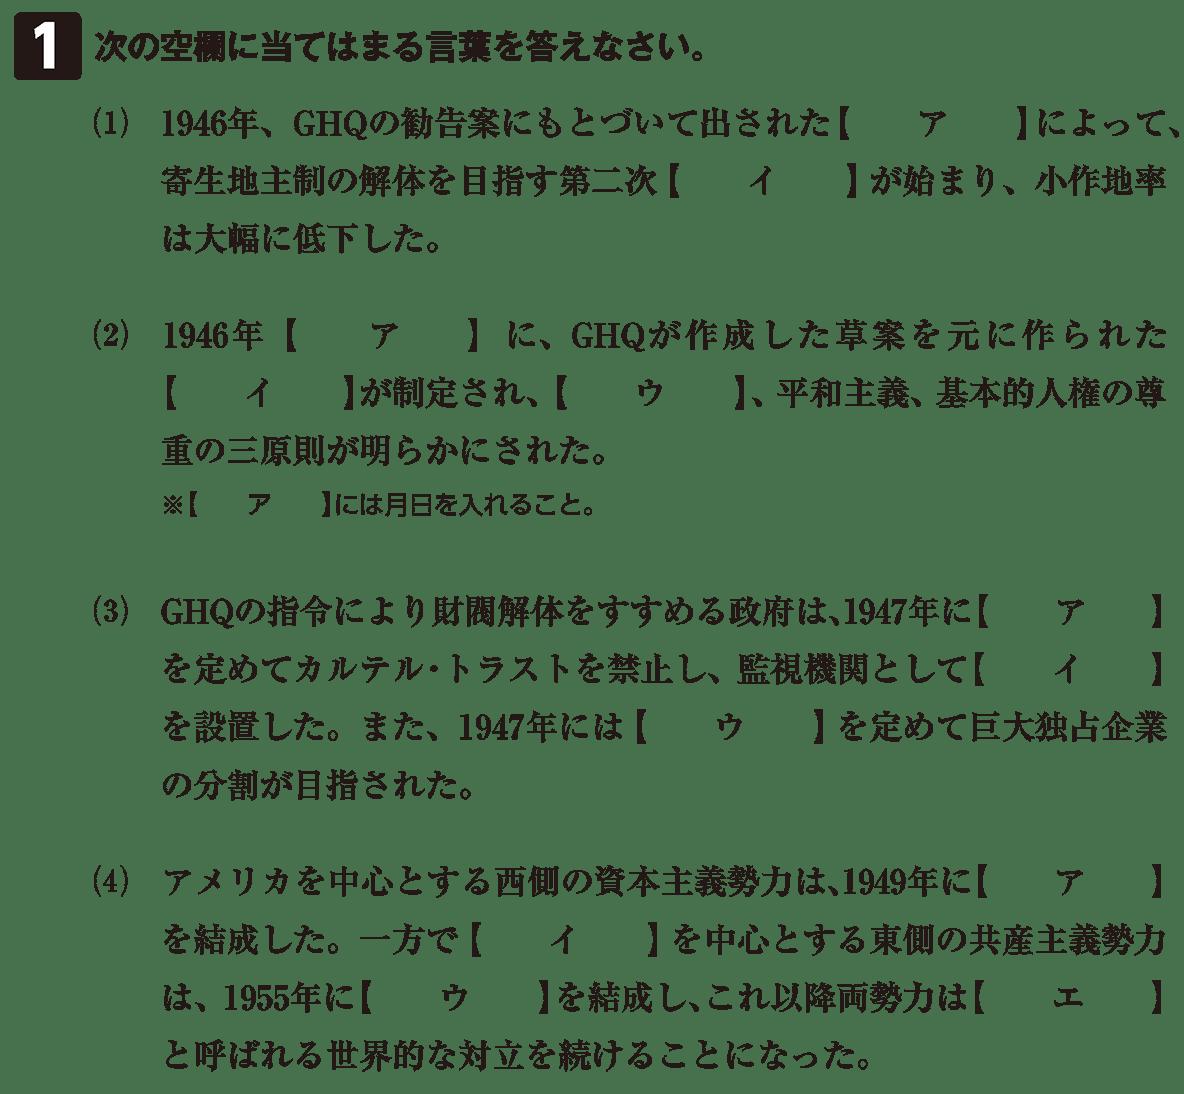 現代06 問題1 カッコ空欄